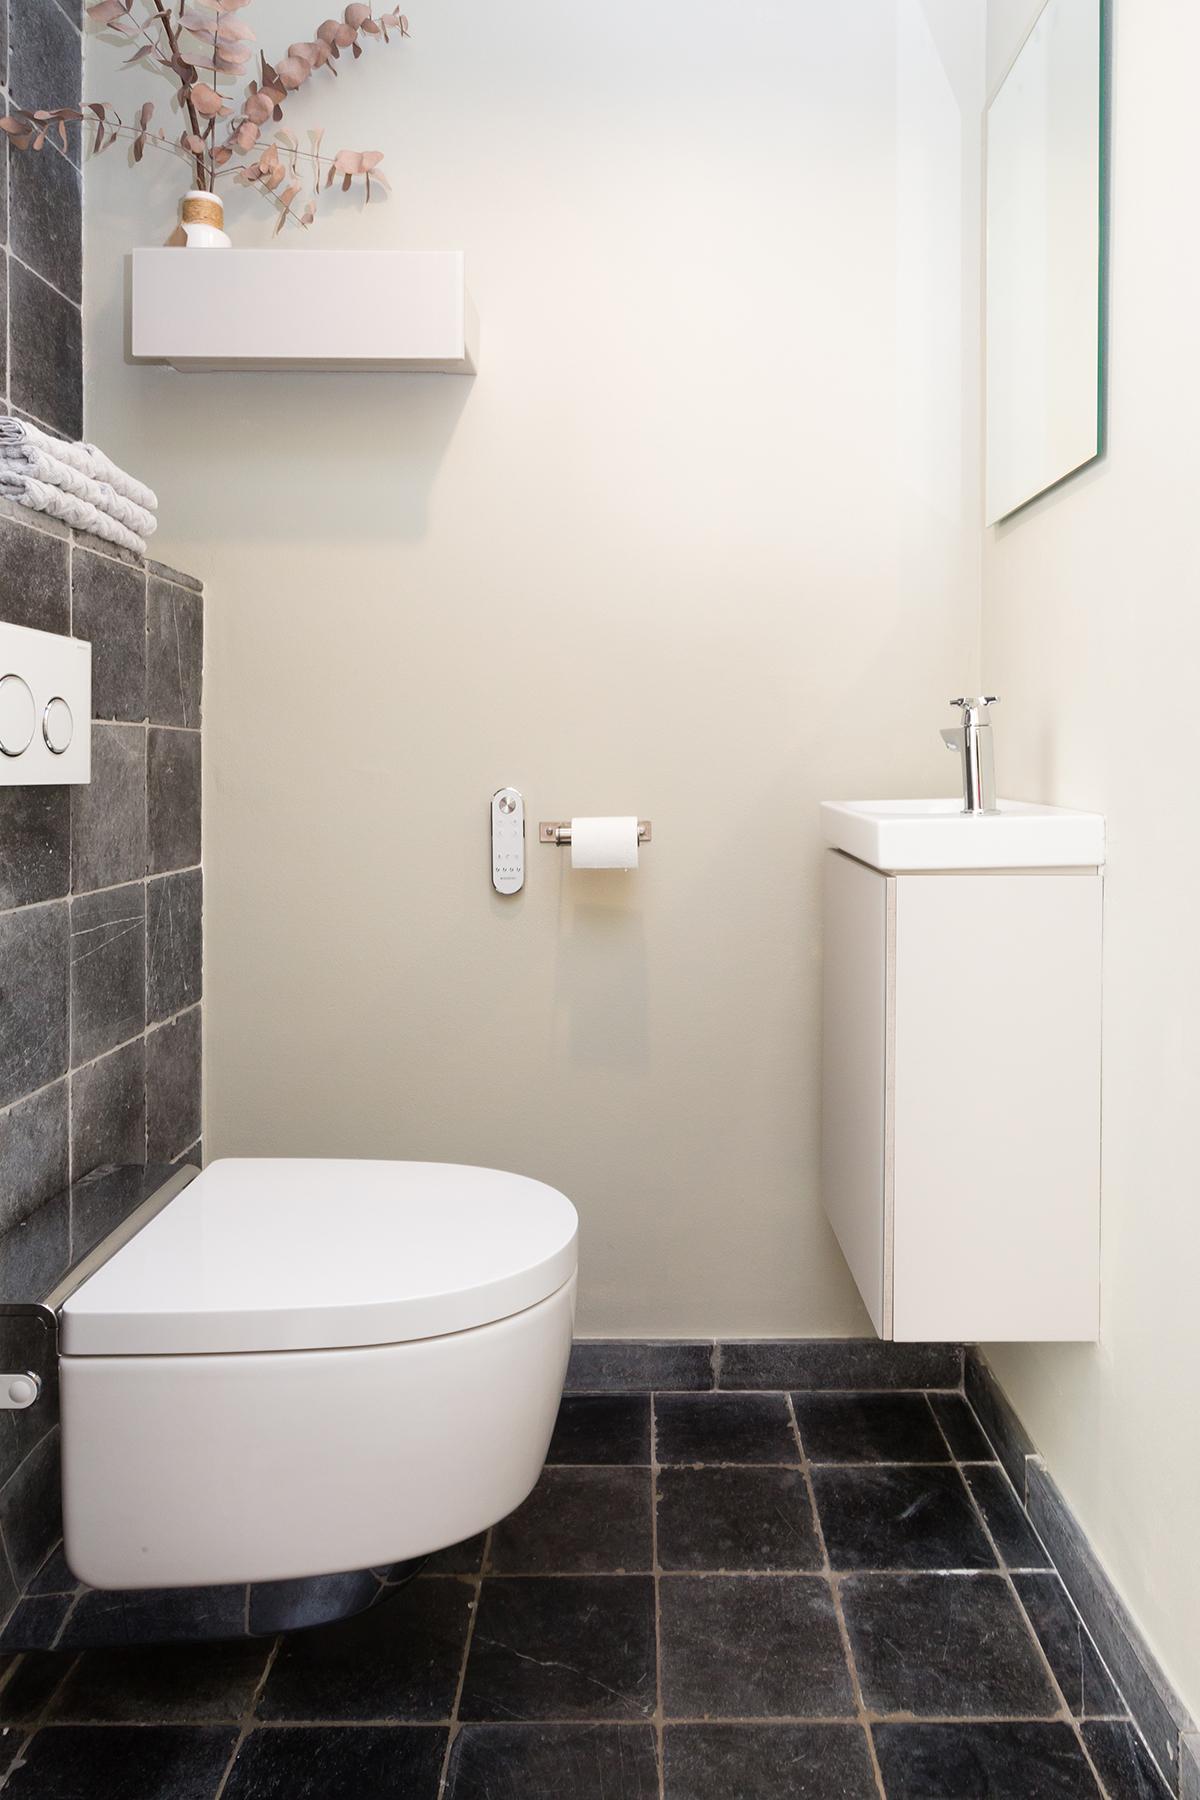 Geberit toilet op wc met zwarte tegel